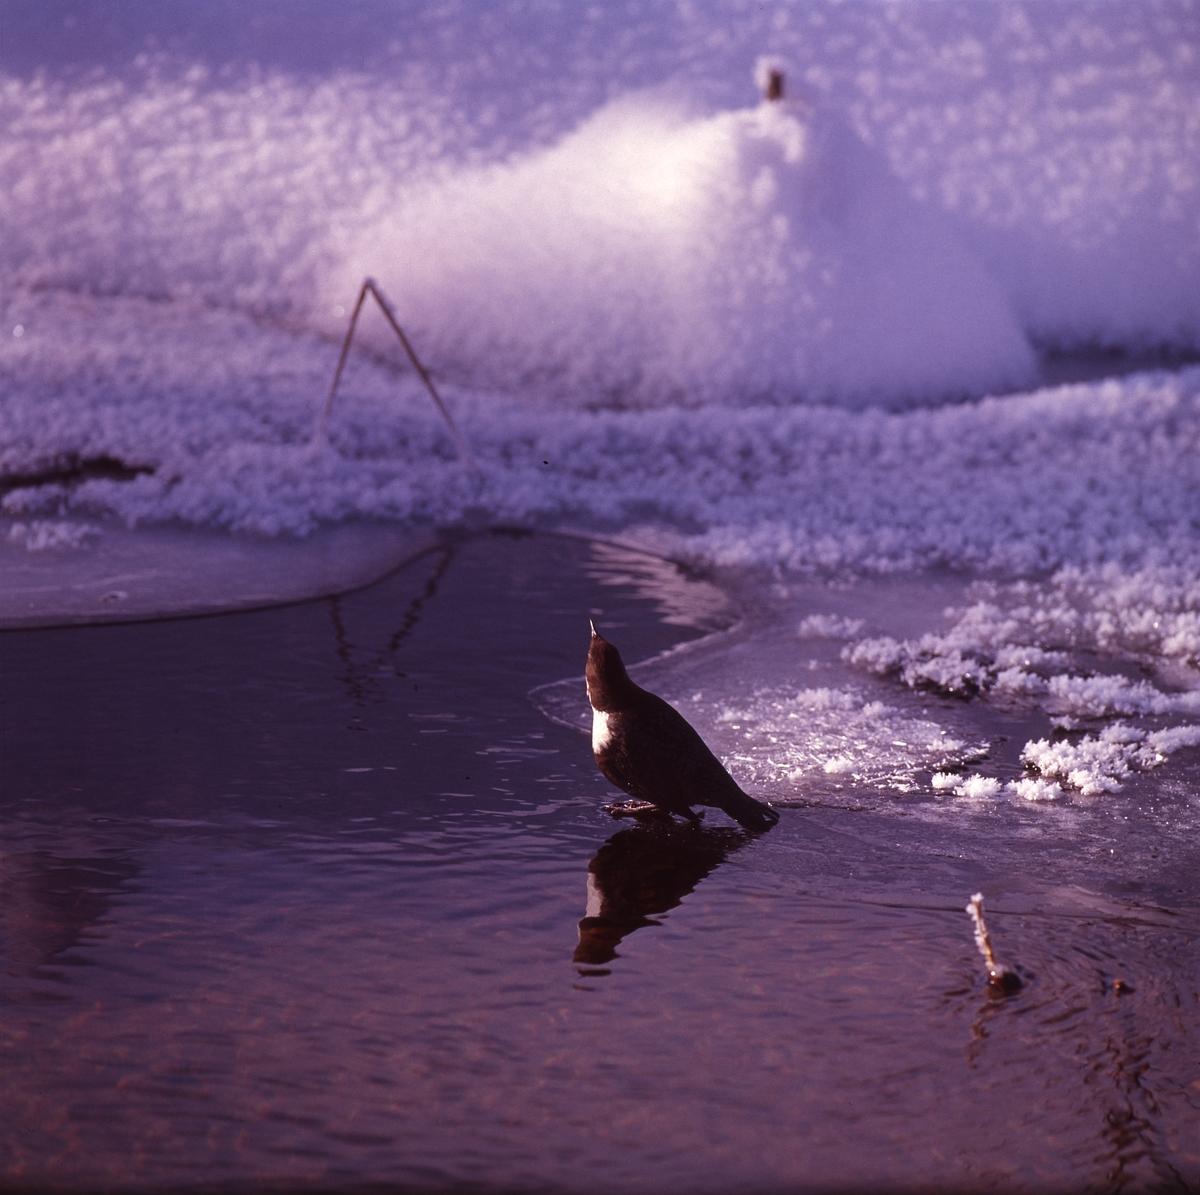 Strömstare på tunn is i vattenbrynet. I bakgrunden syns snöklädd mark.